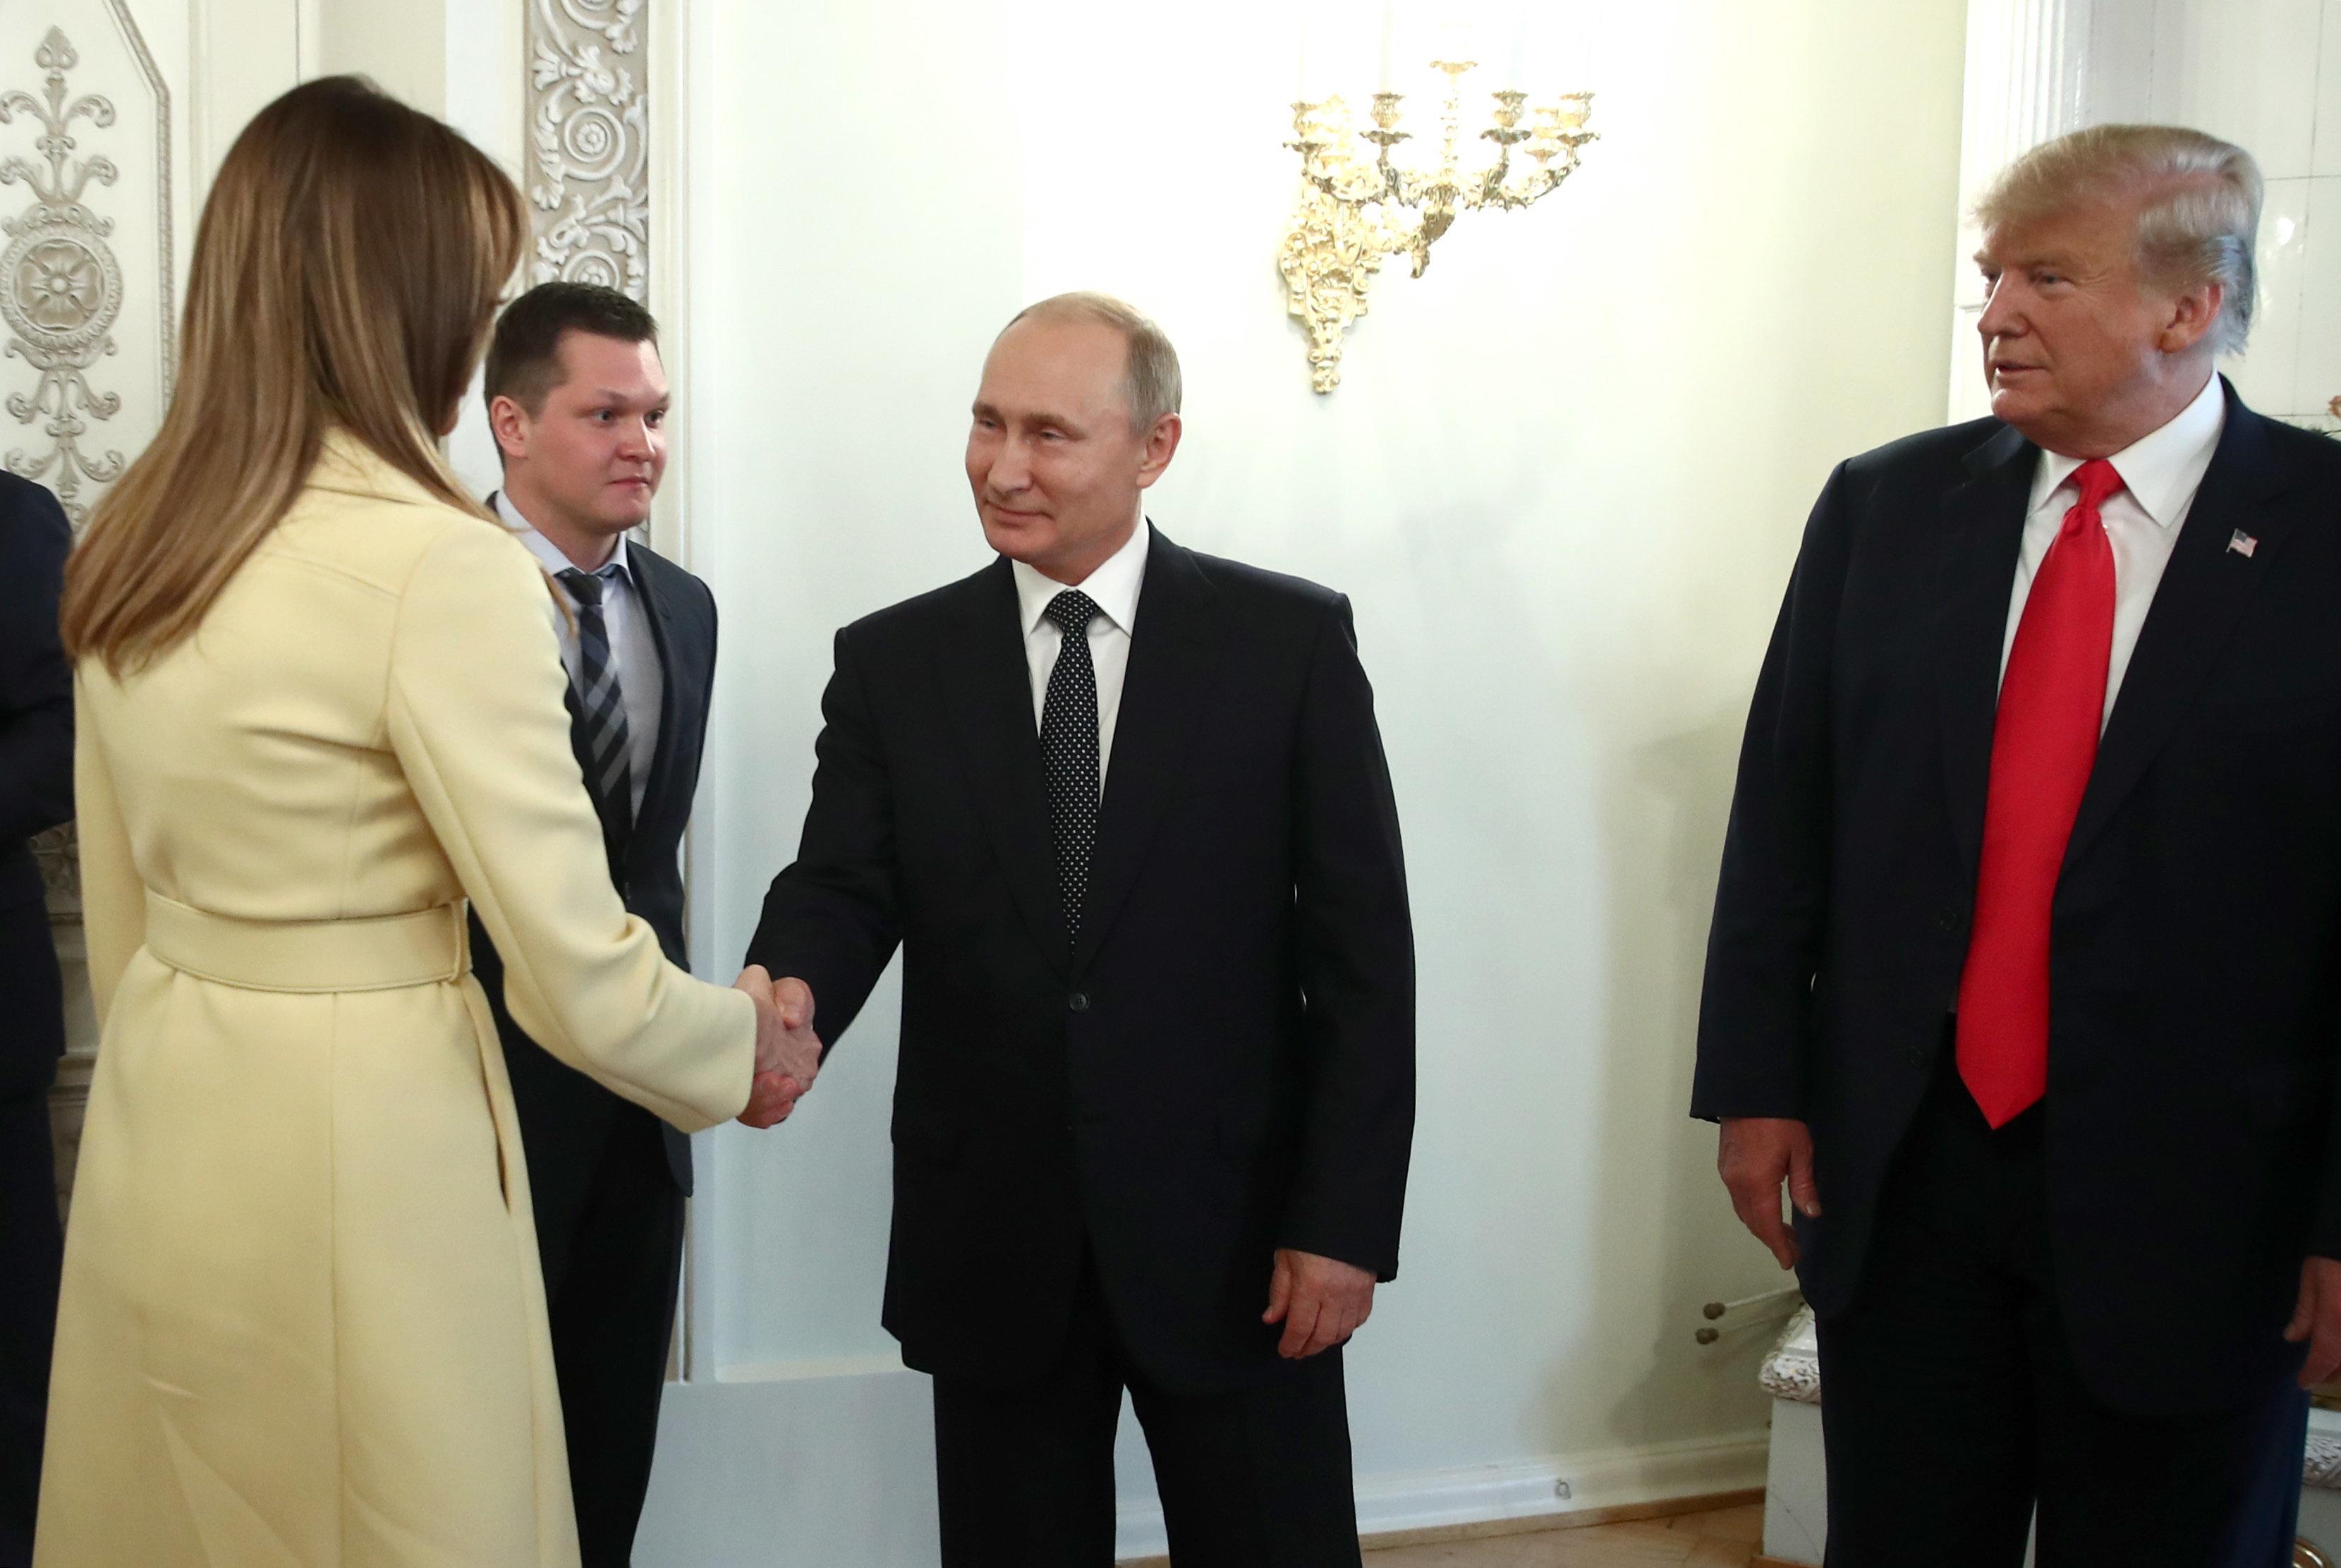 Melania Trump schüttelt Putins Hand – ihre Reaktion sorgt für